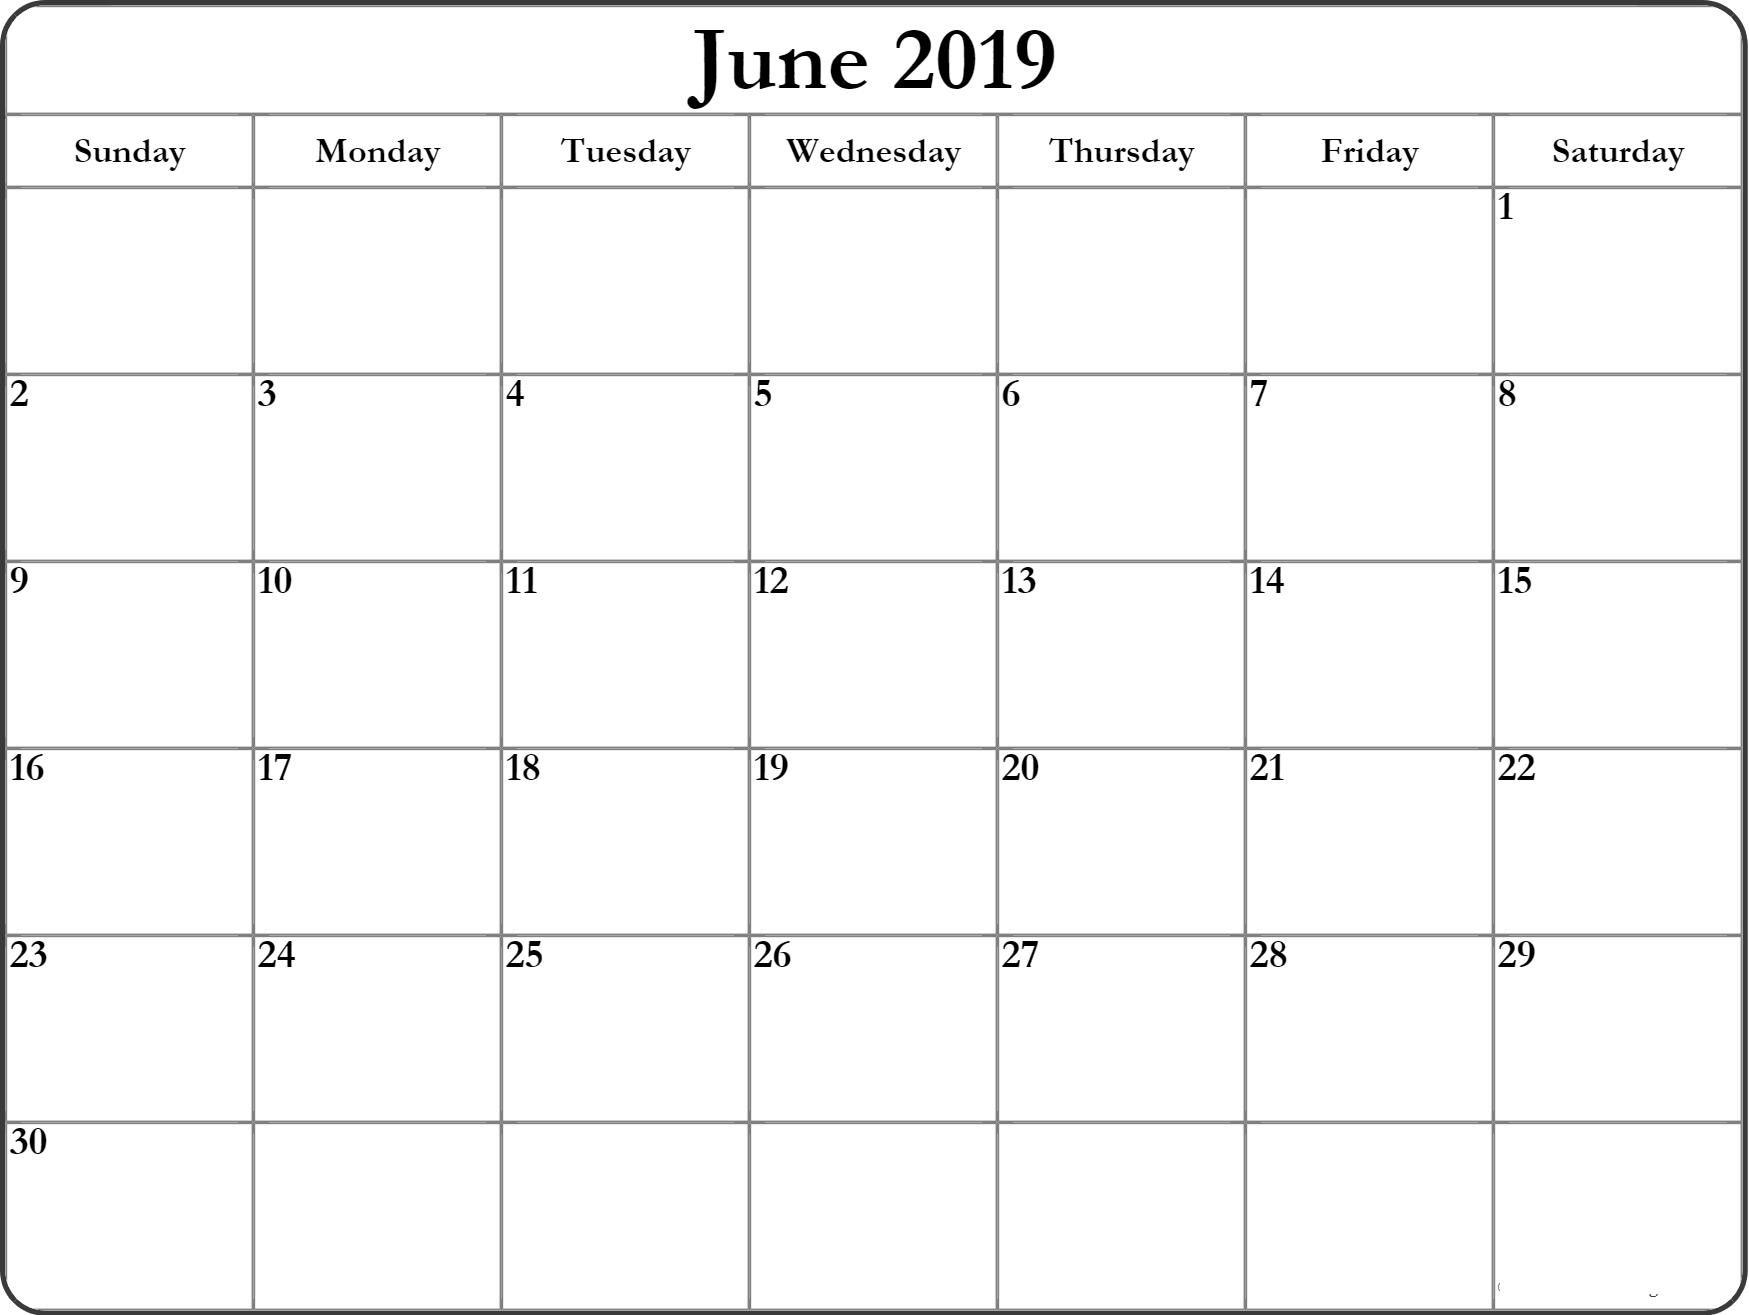 June 2019 Calendar Printable – Get Here Free June 2019 Calendar_Calendar For Printing June 2019